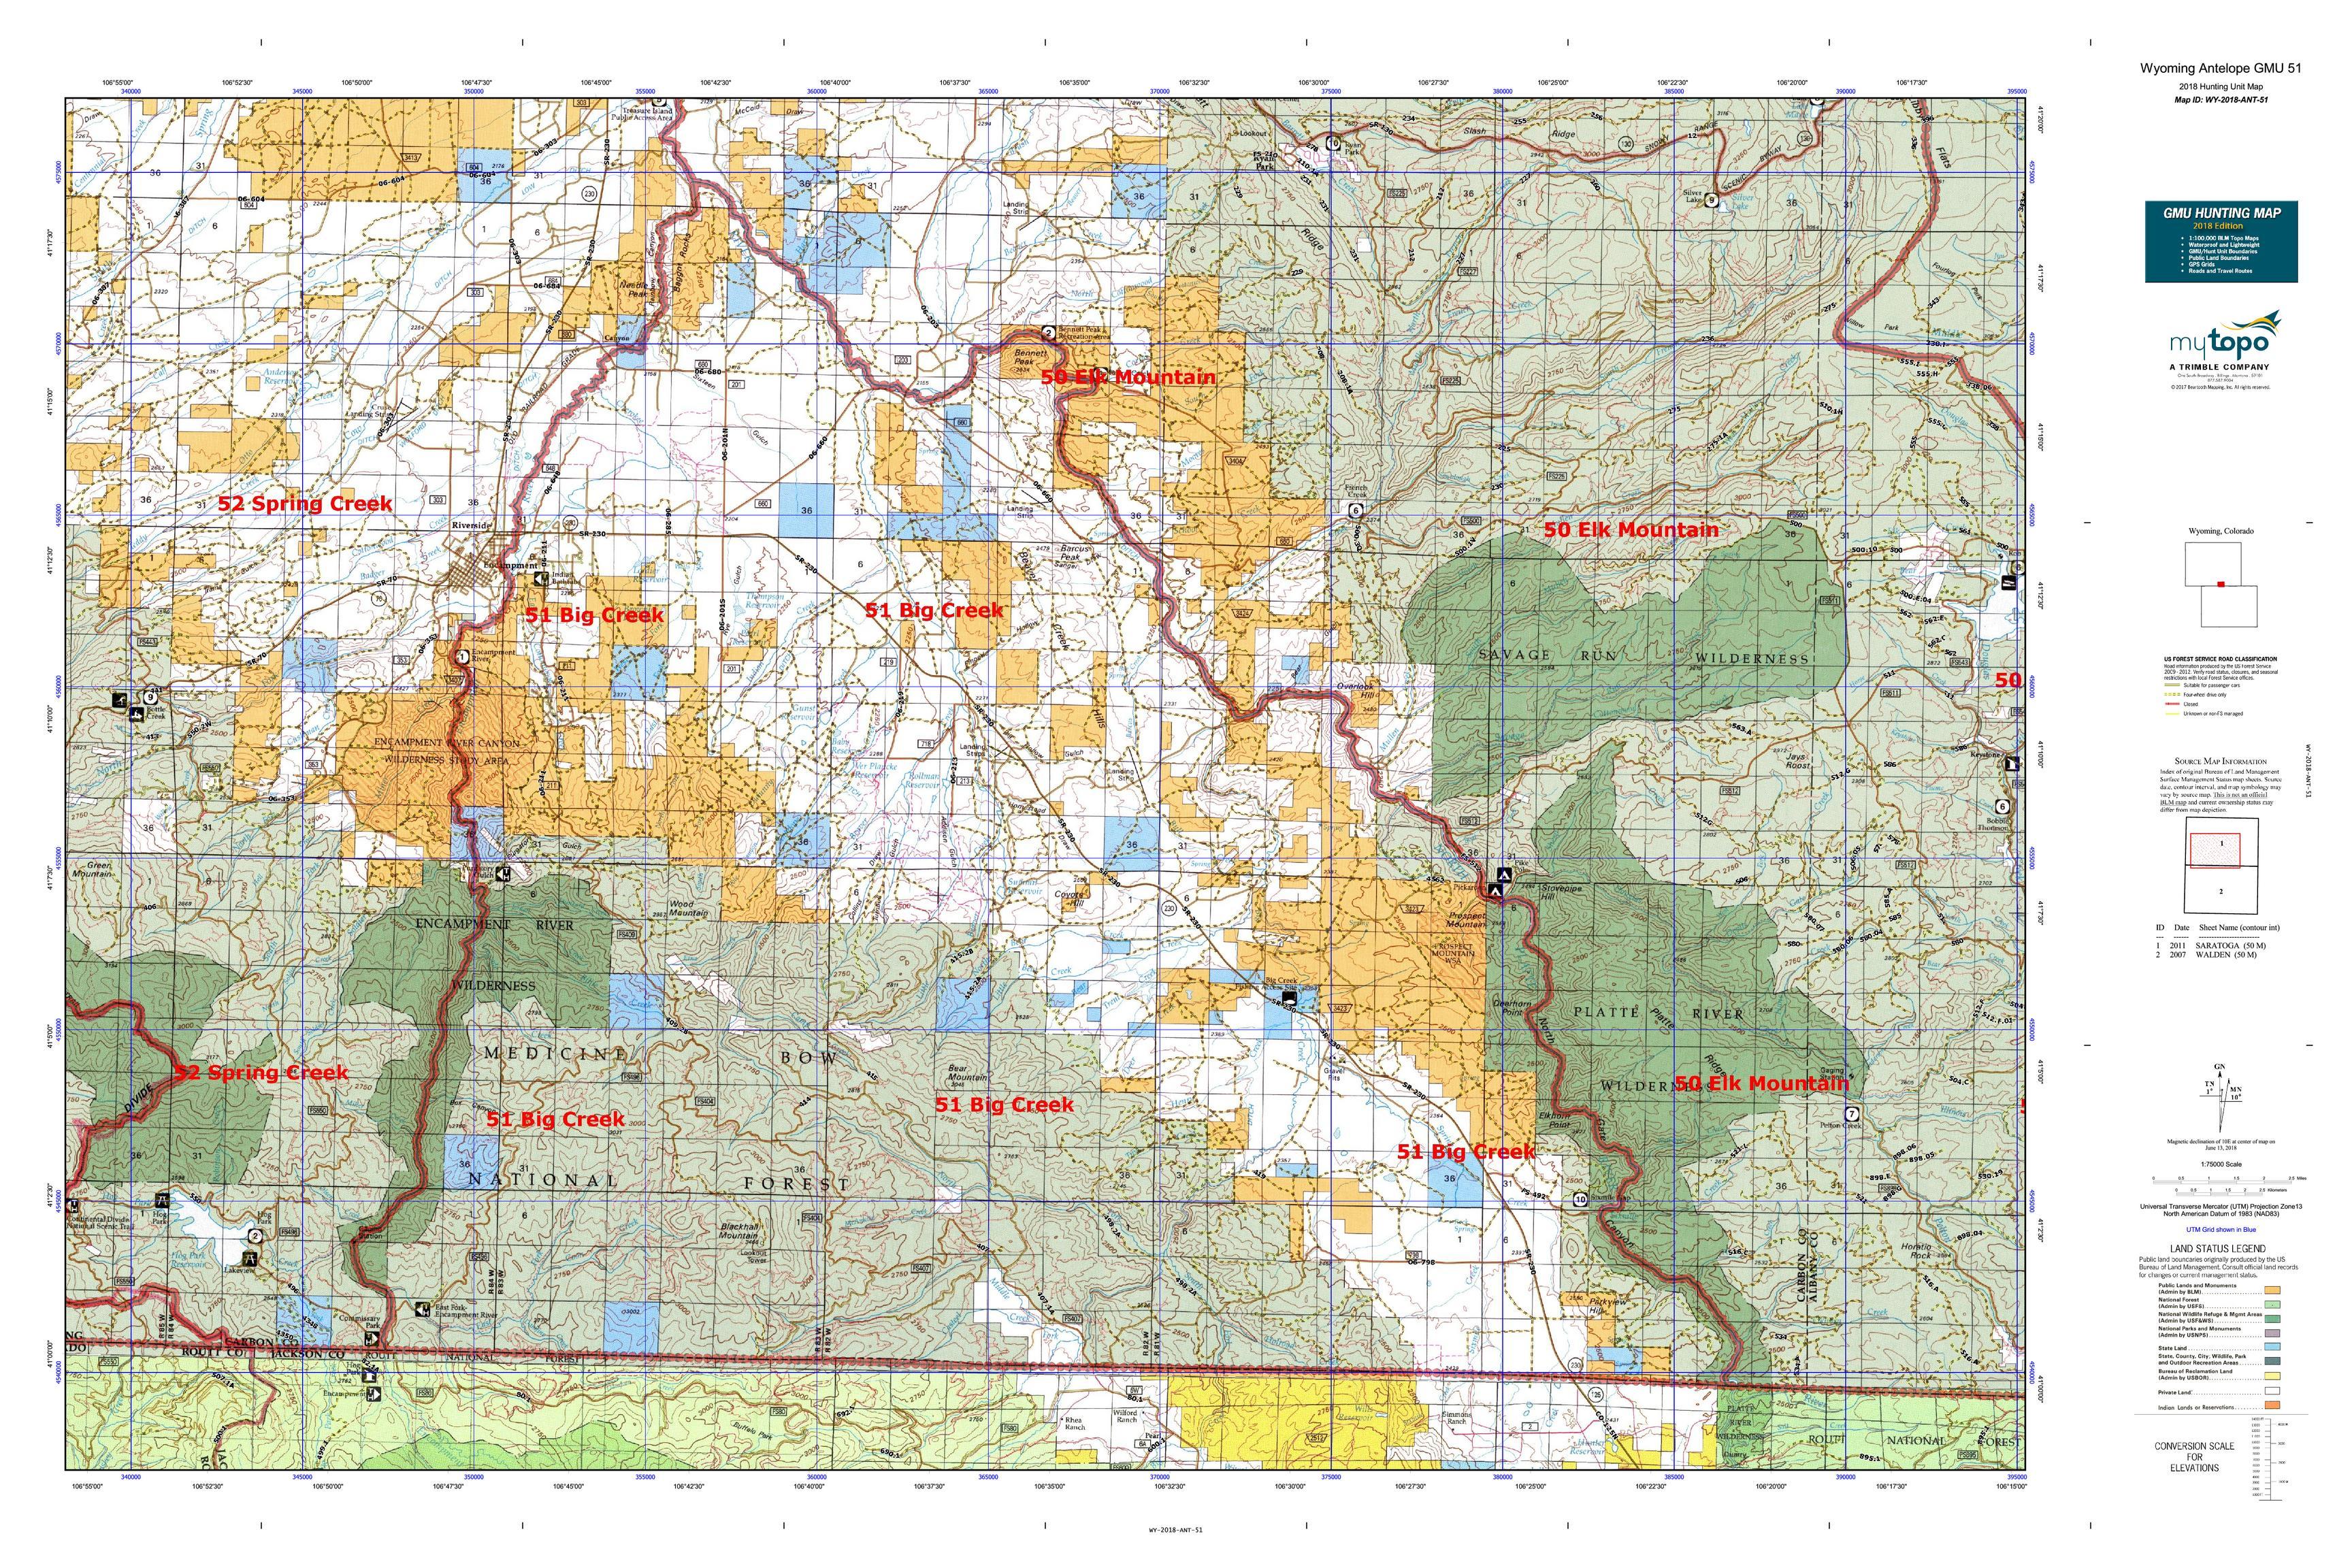 Wyoming Antelope GMU 51 Map | MyTopo